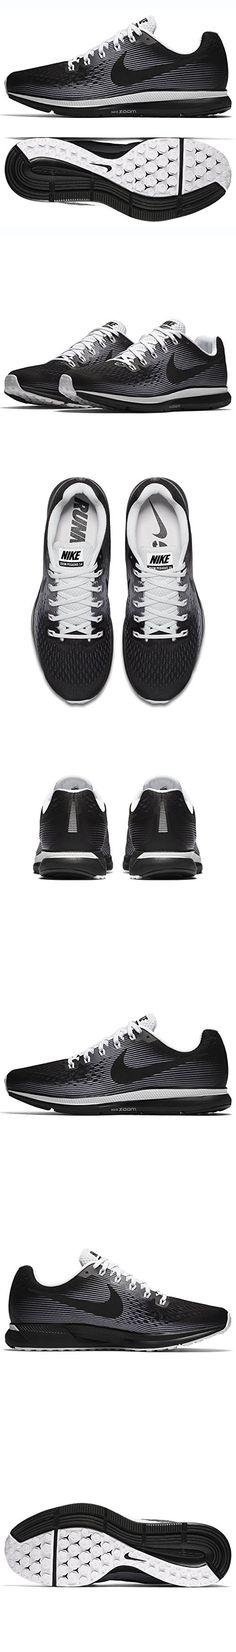 6065f26b271c NIKE Air Zoom Pegasus 34 Le Men s Running Shoes